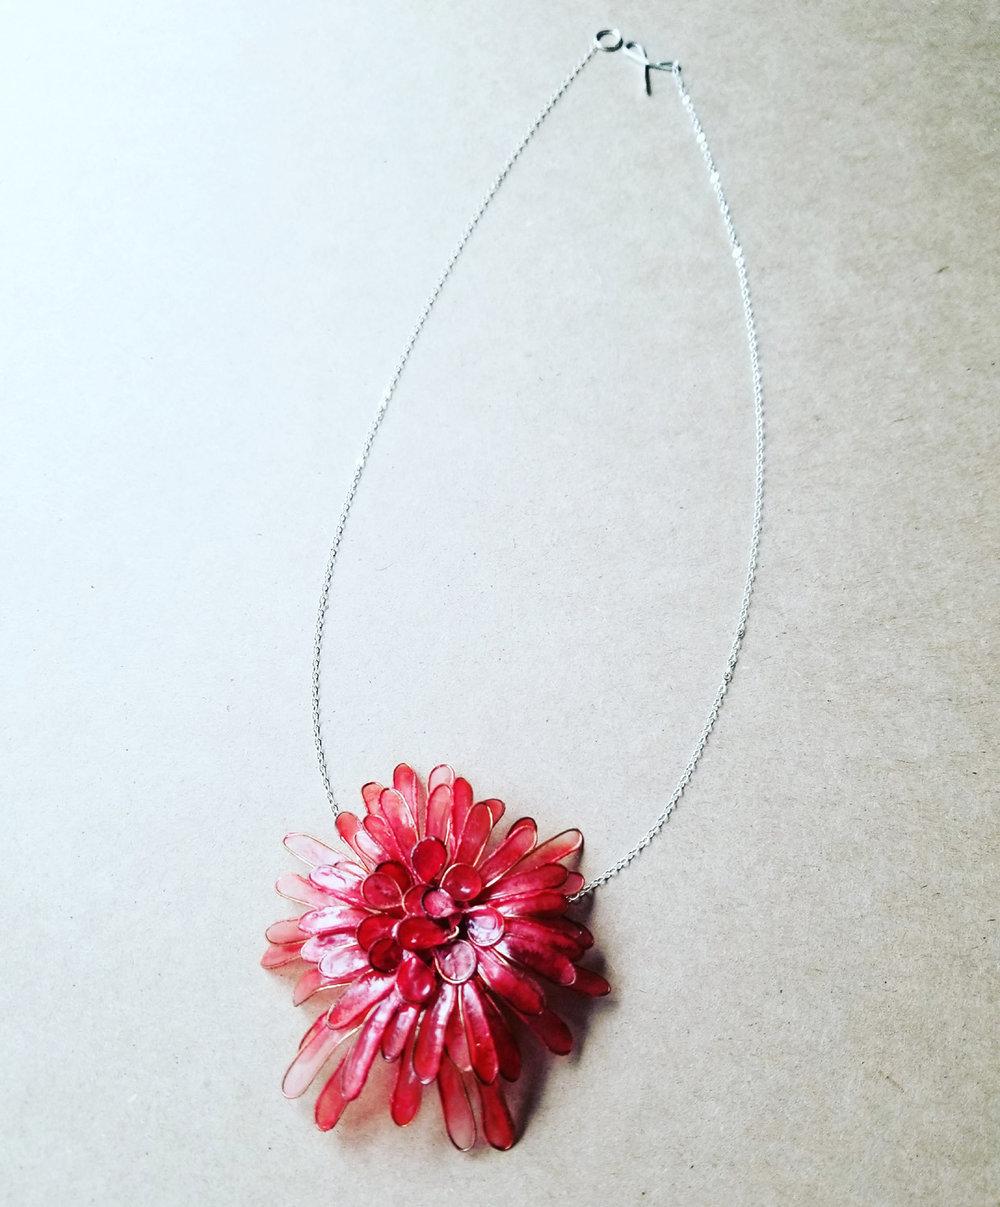 Melanie Brauner: Coral Chrysanthemum Necklace